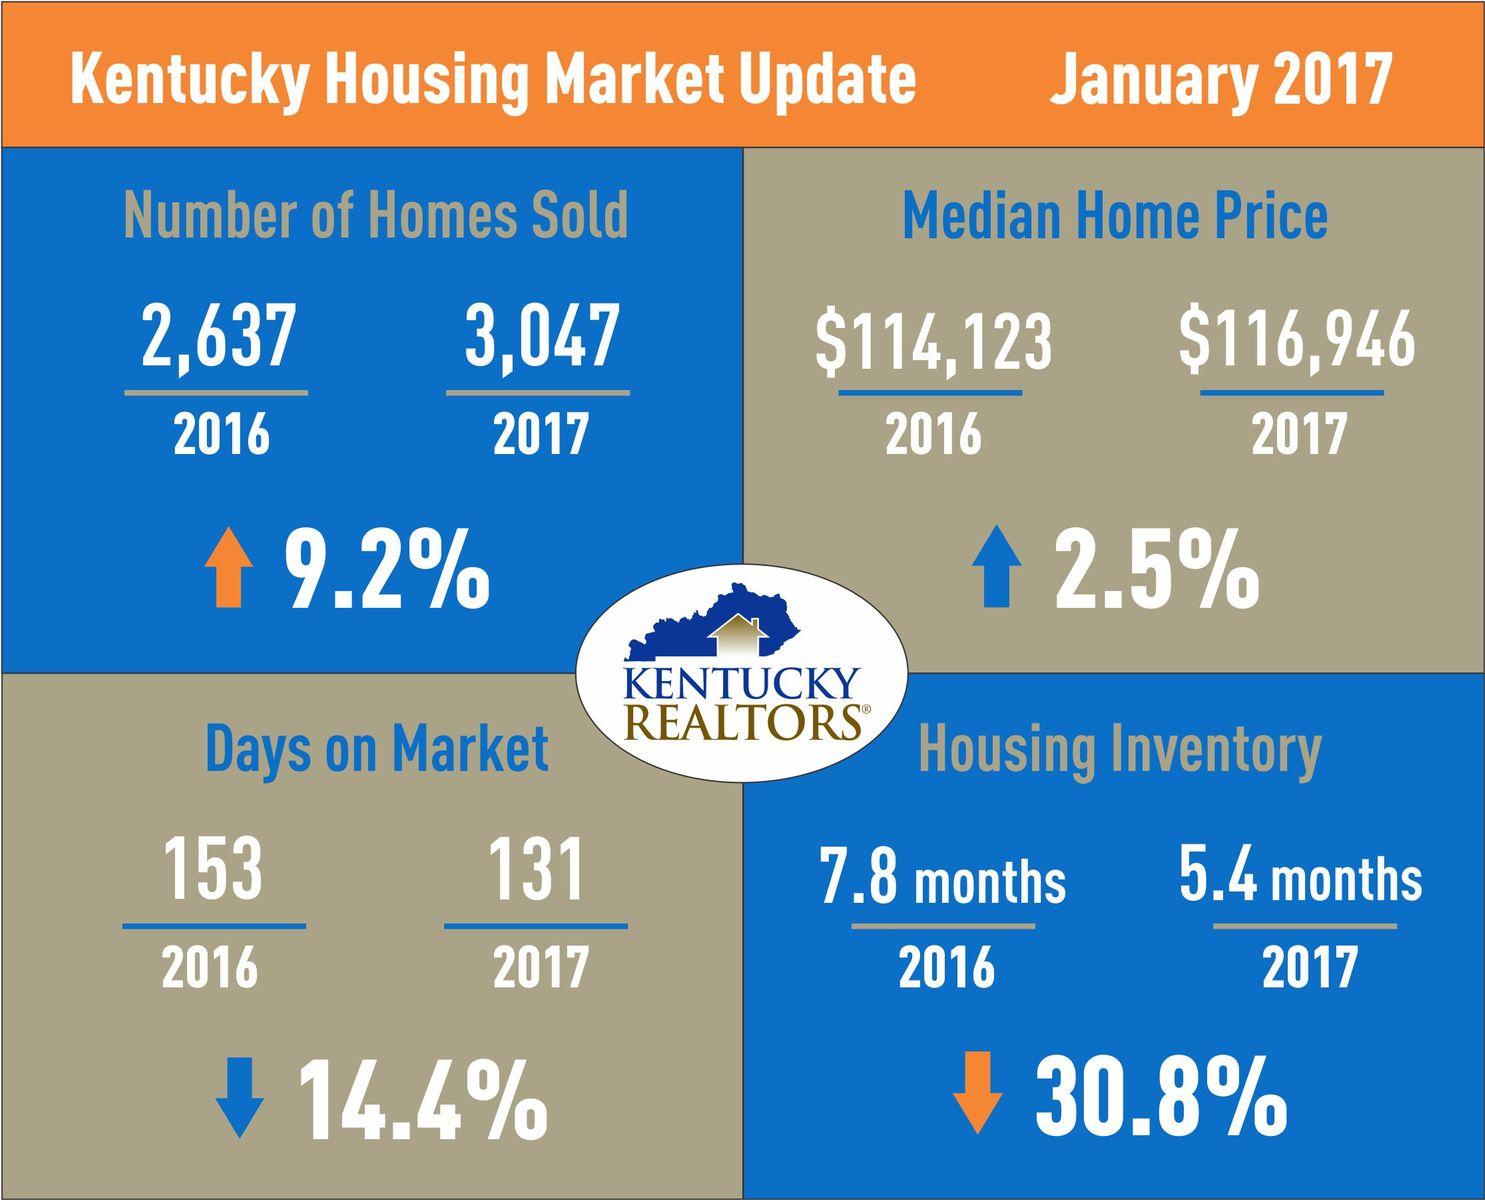 Kentucky Housing Market Update January 2017